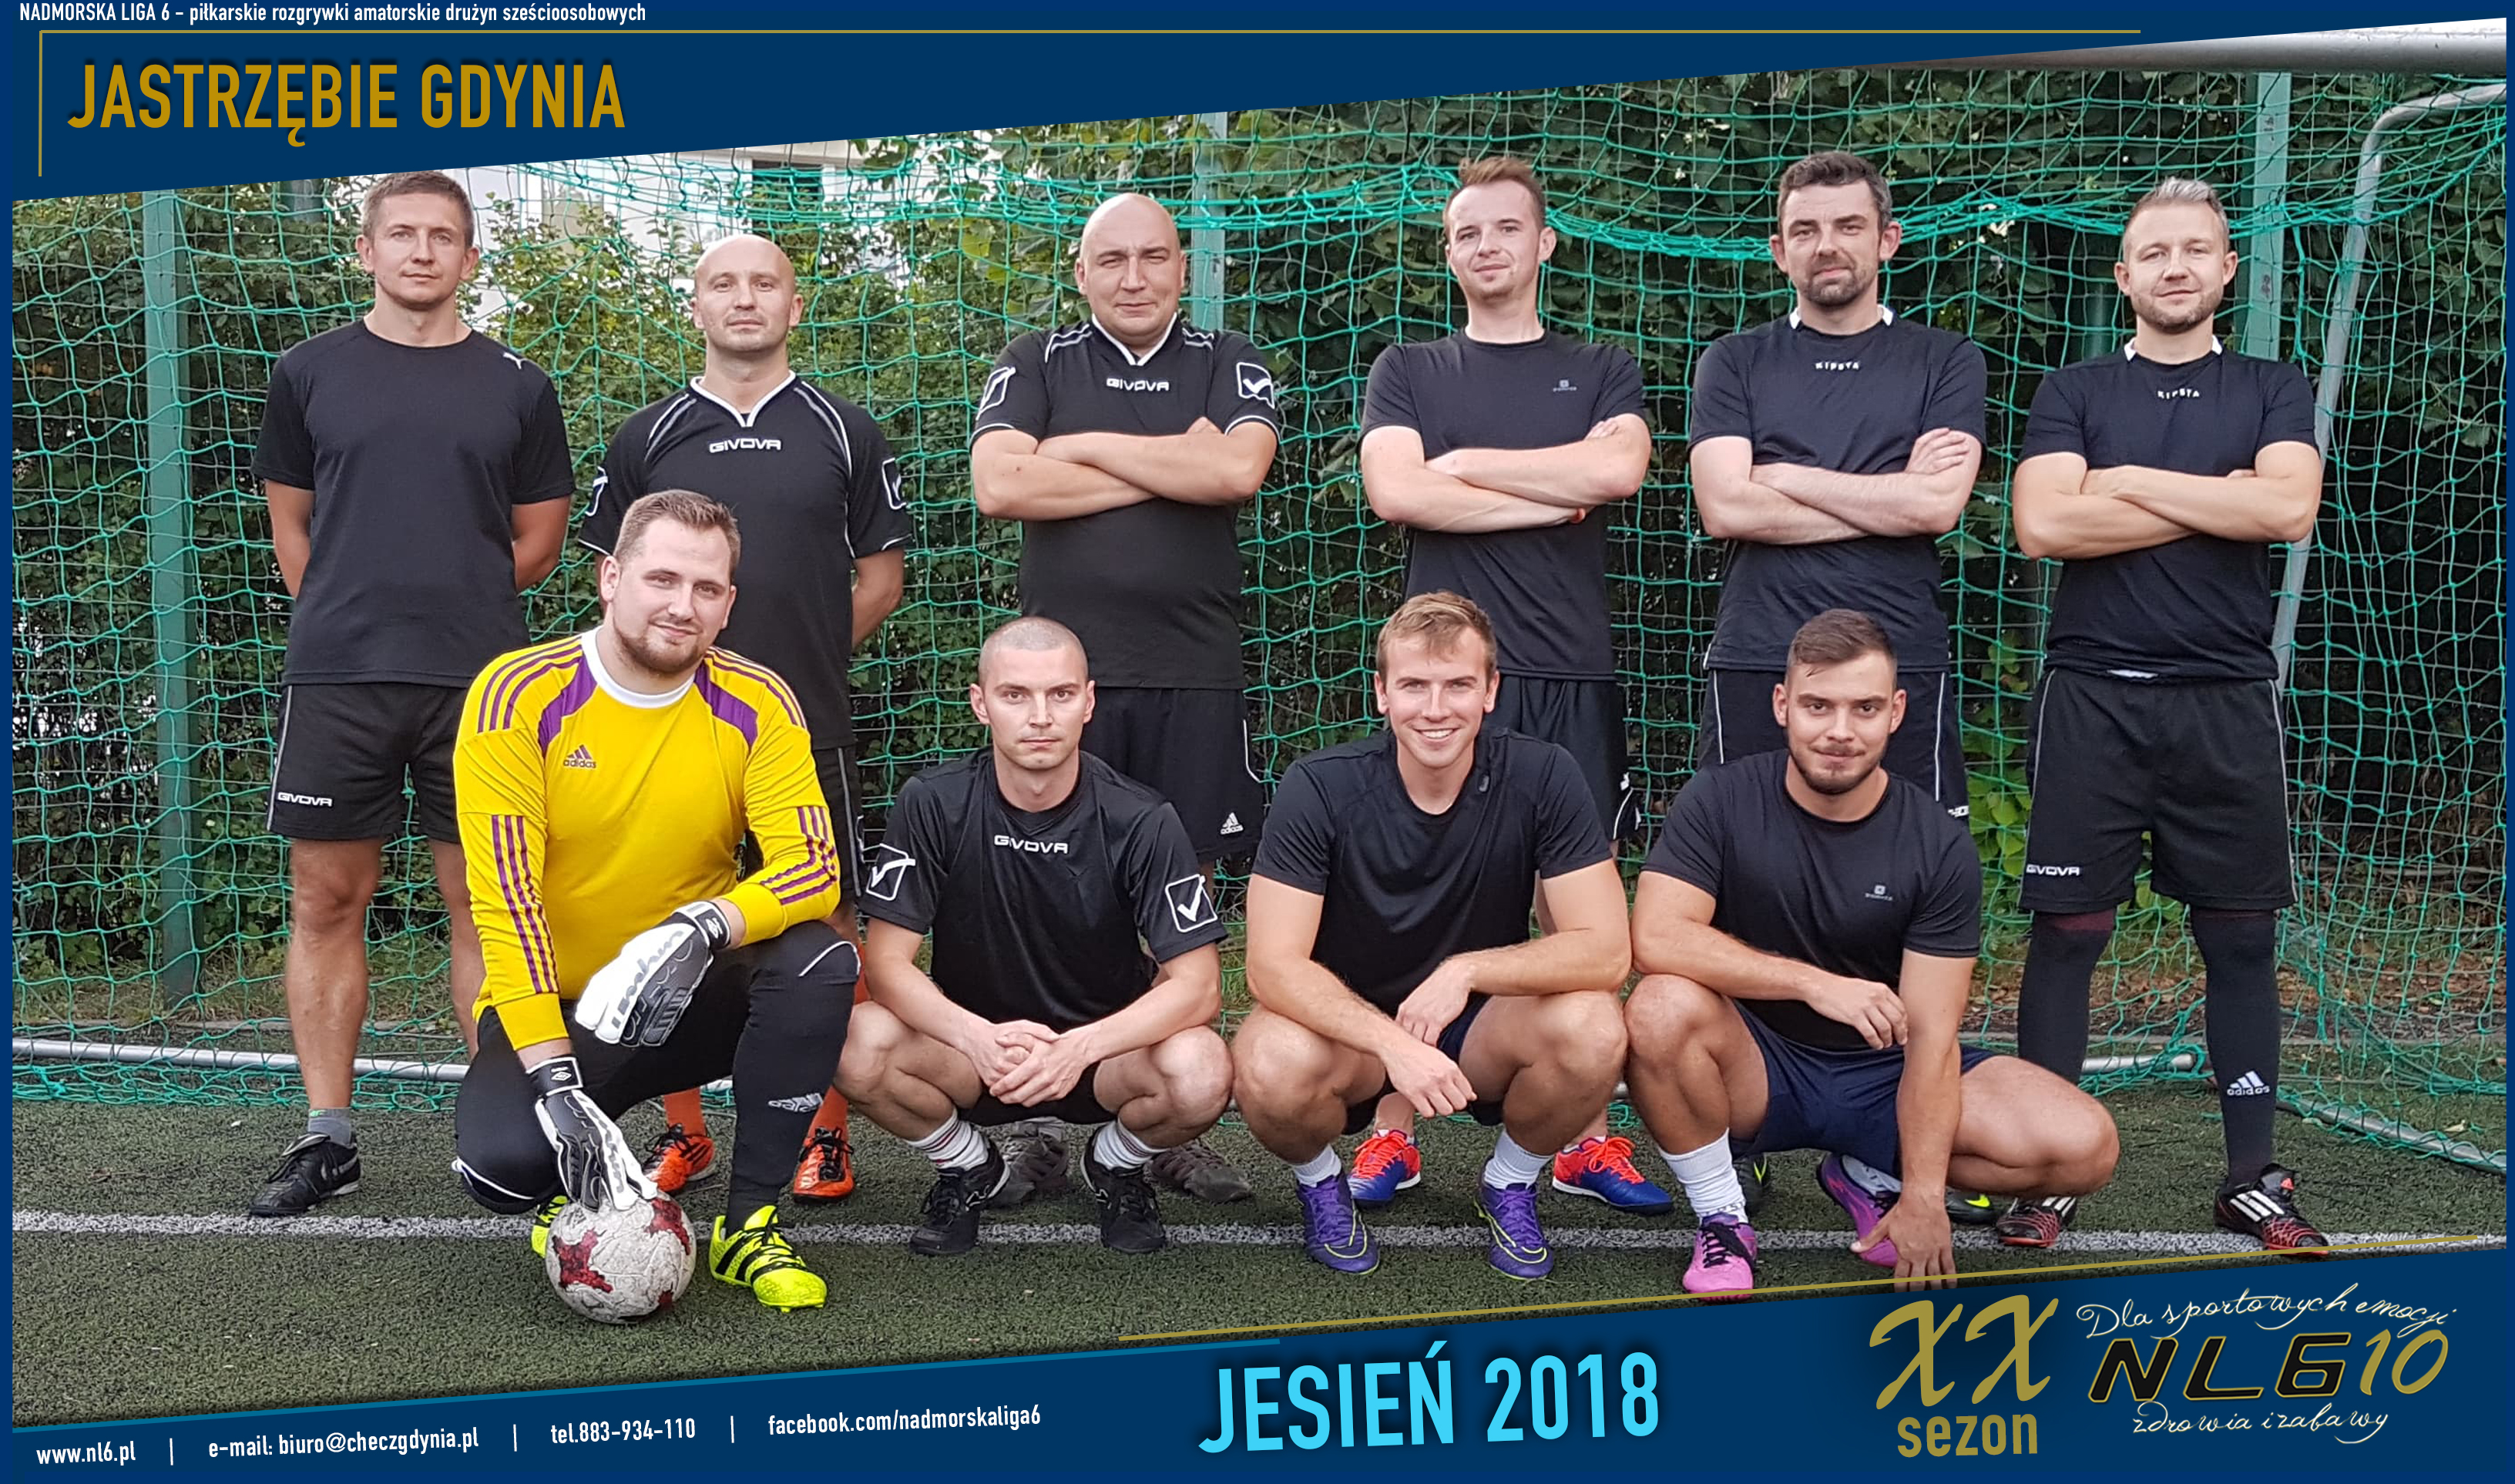 e719280d346133 Statystyki Jastrzębie Gdynia - Nadmorska Liga 6